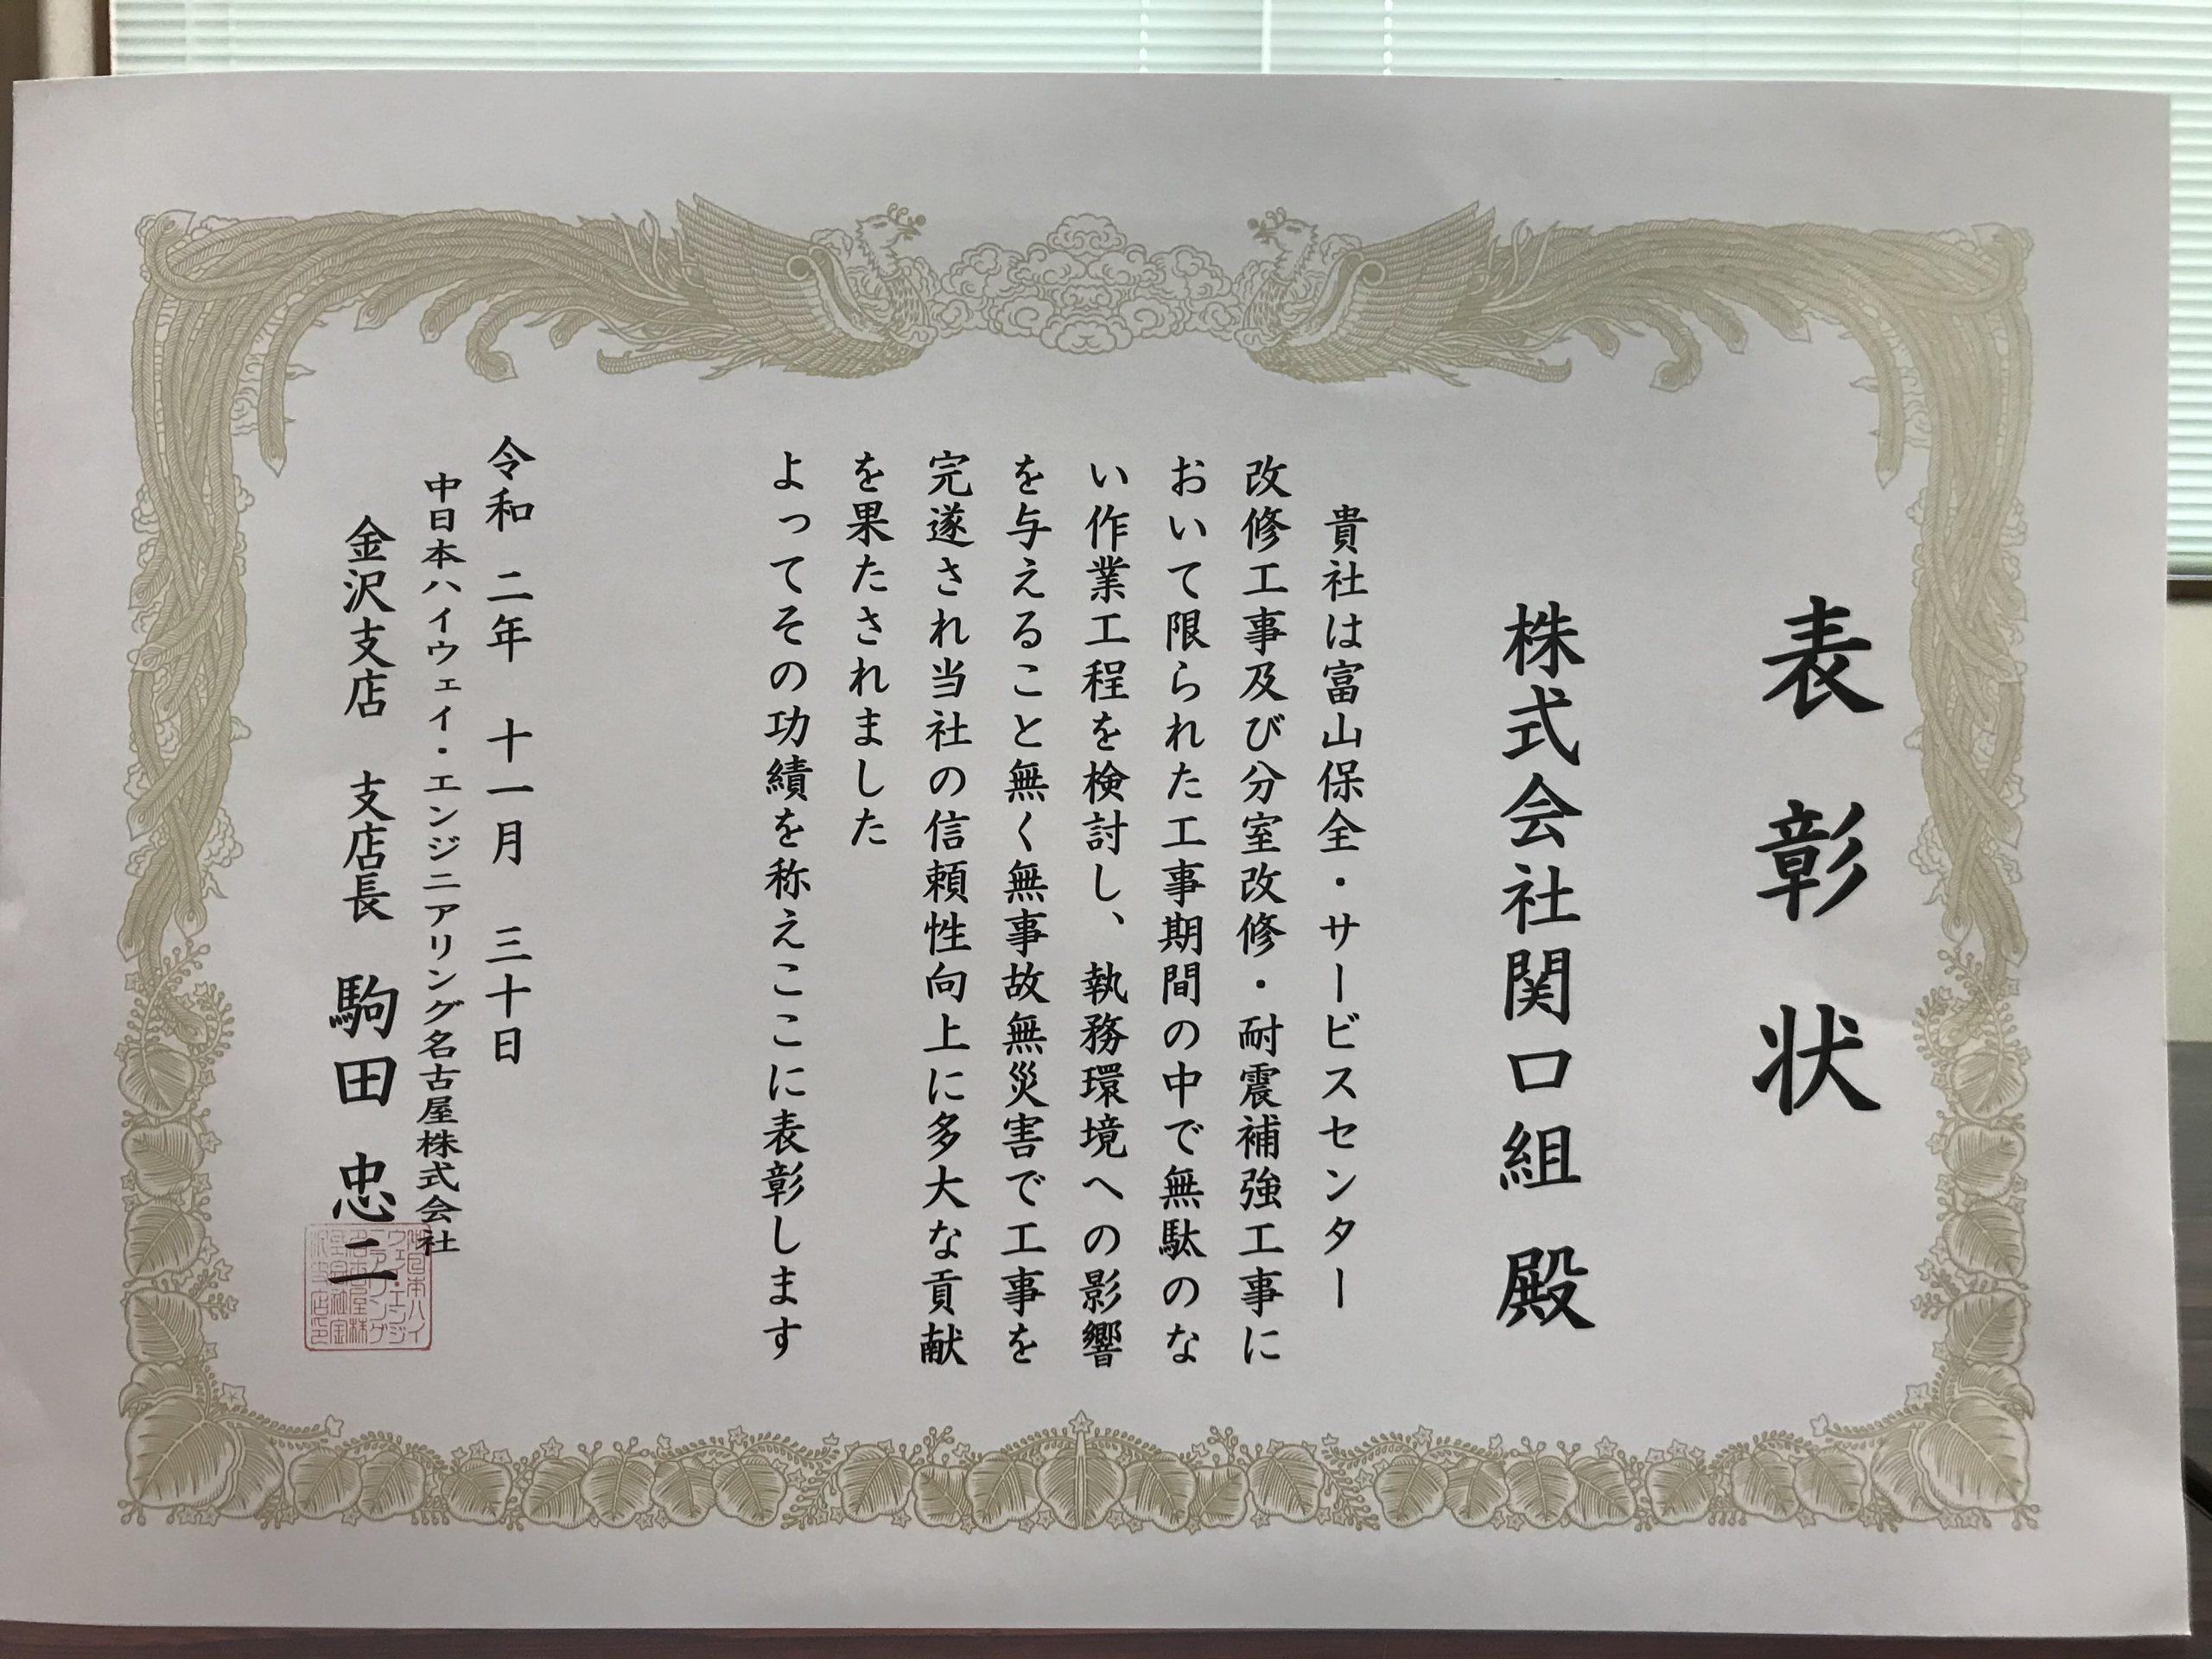 中日本ハイウェイ・エンジニアリング名古屋㈱様より表彰